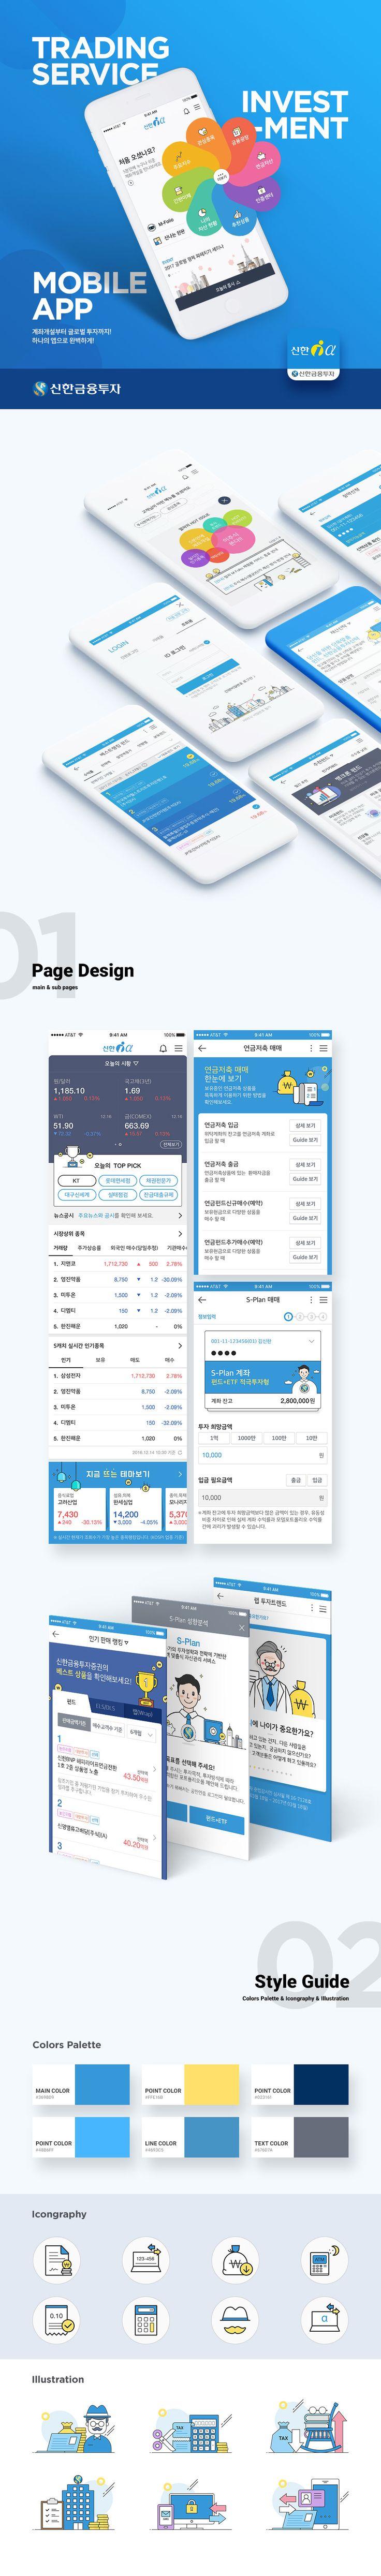 신한 i 알파 모바일 앱 구축detail image